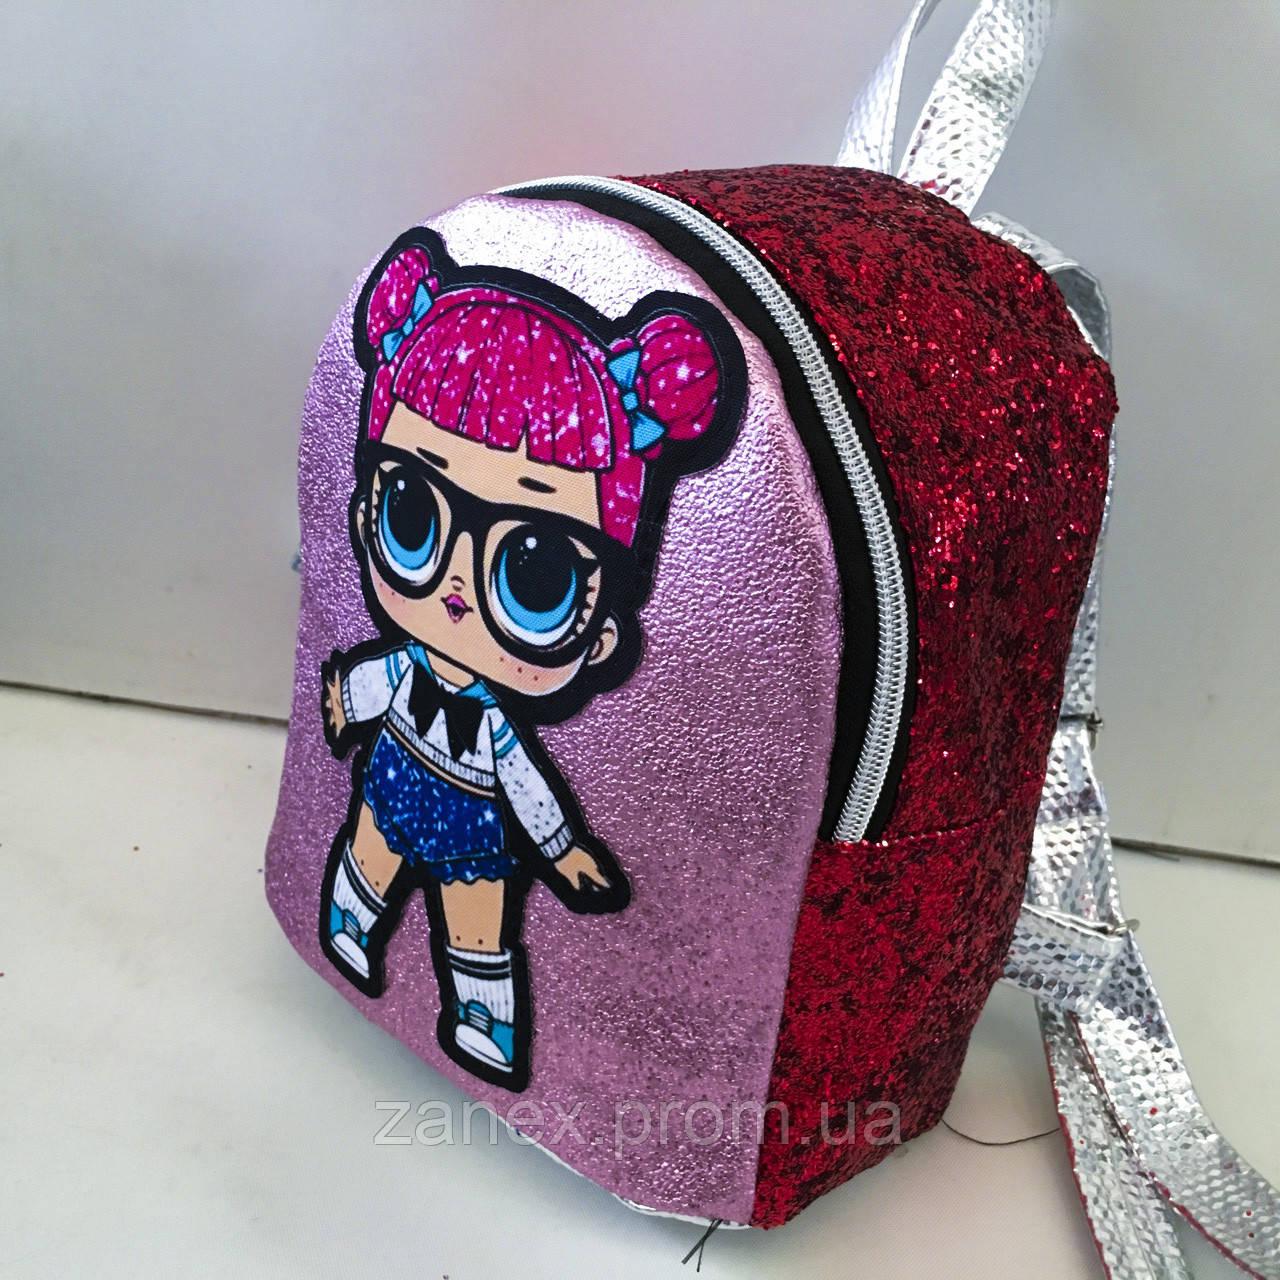 Женский красный + розовый рюкзак Zanex из эко-кожи с куклой LOL Sisters 20 х 21 см